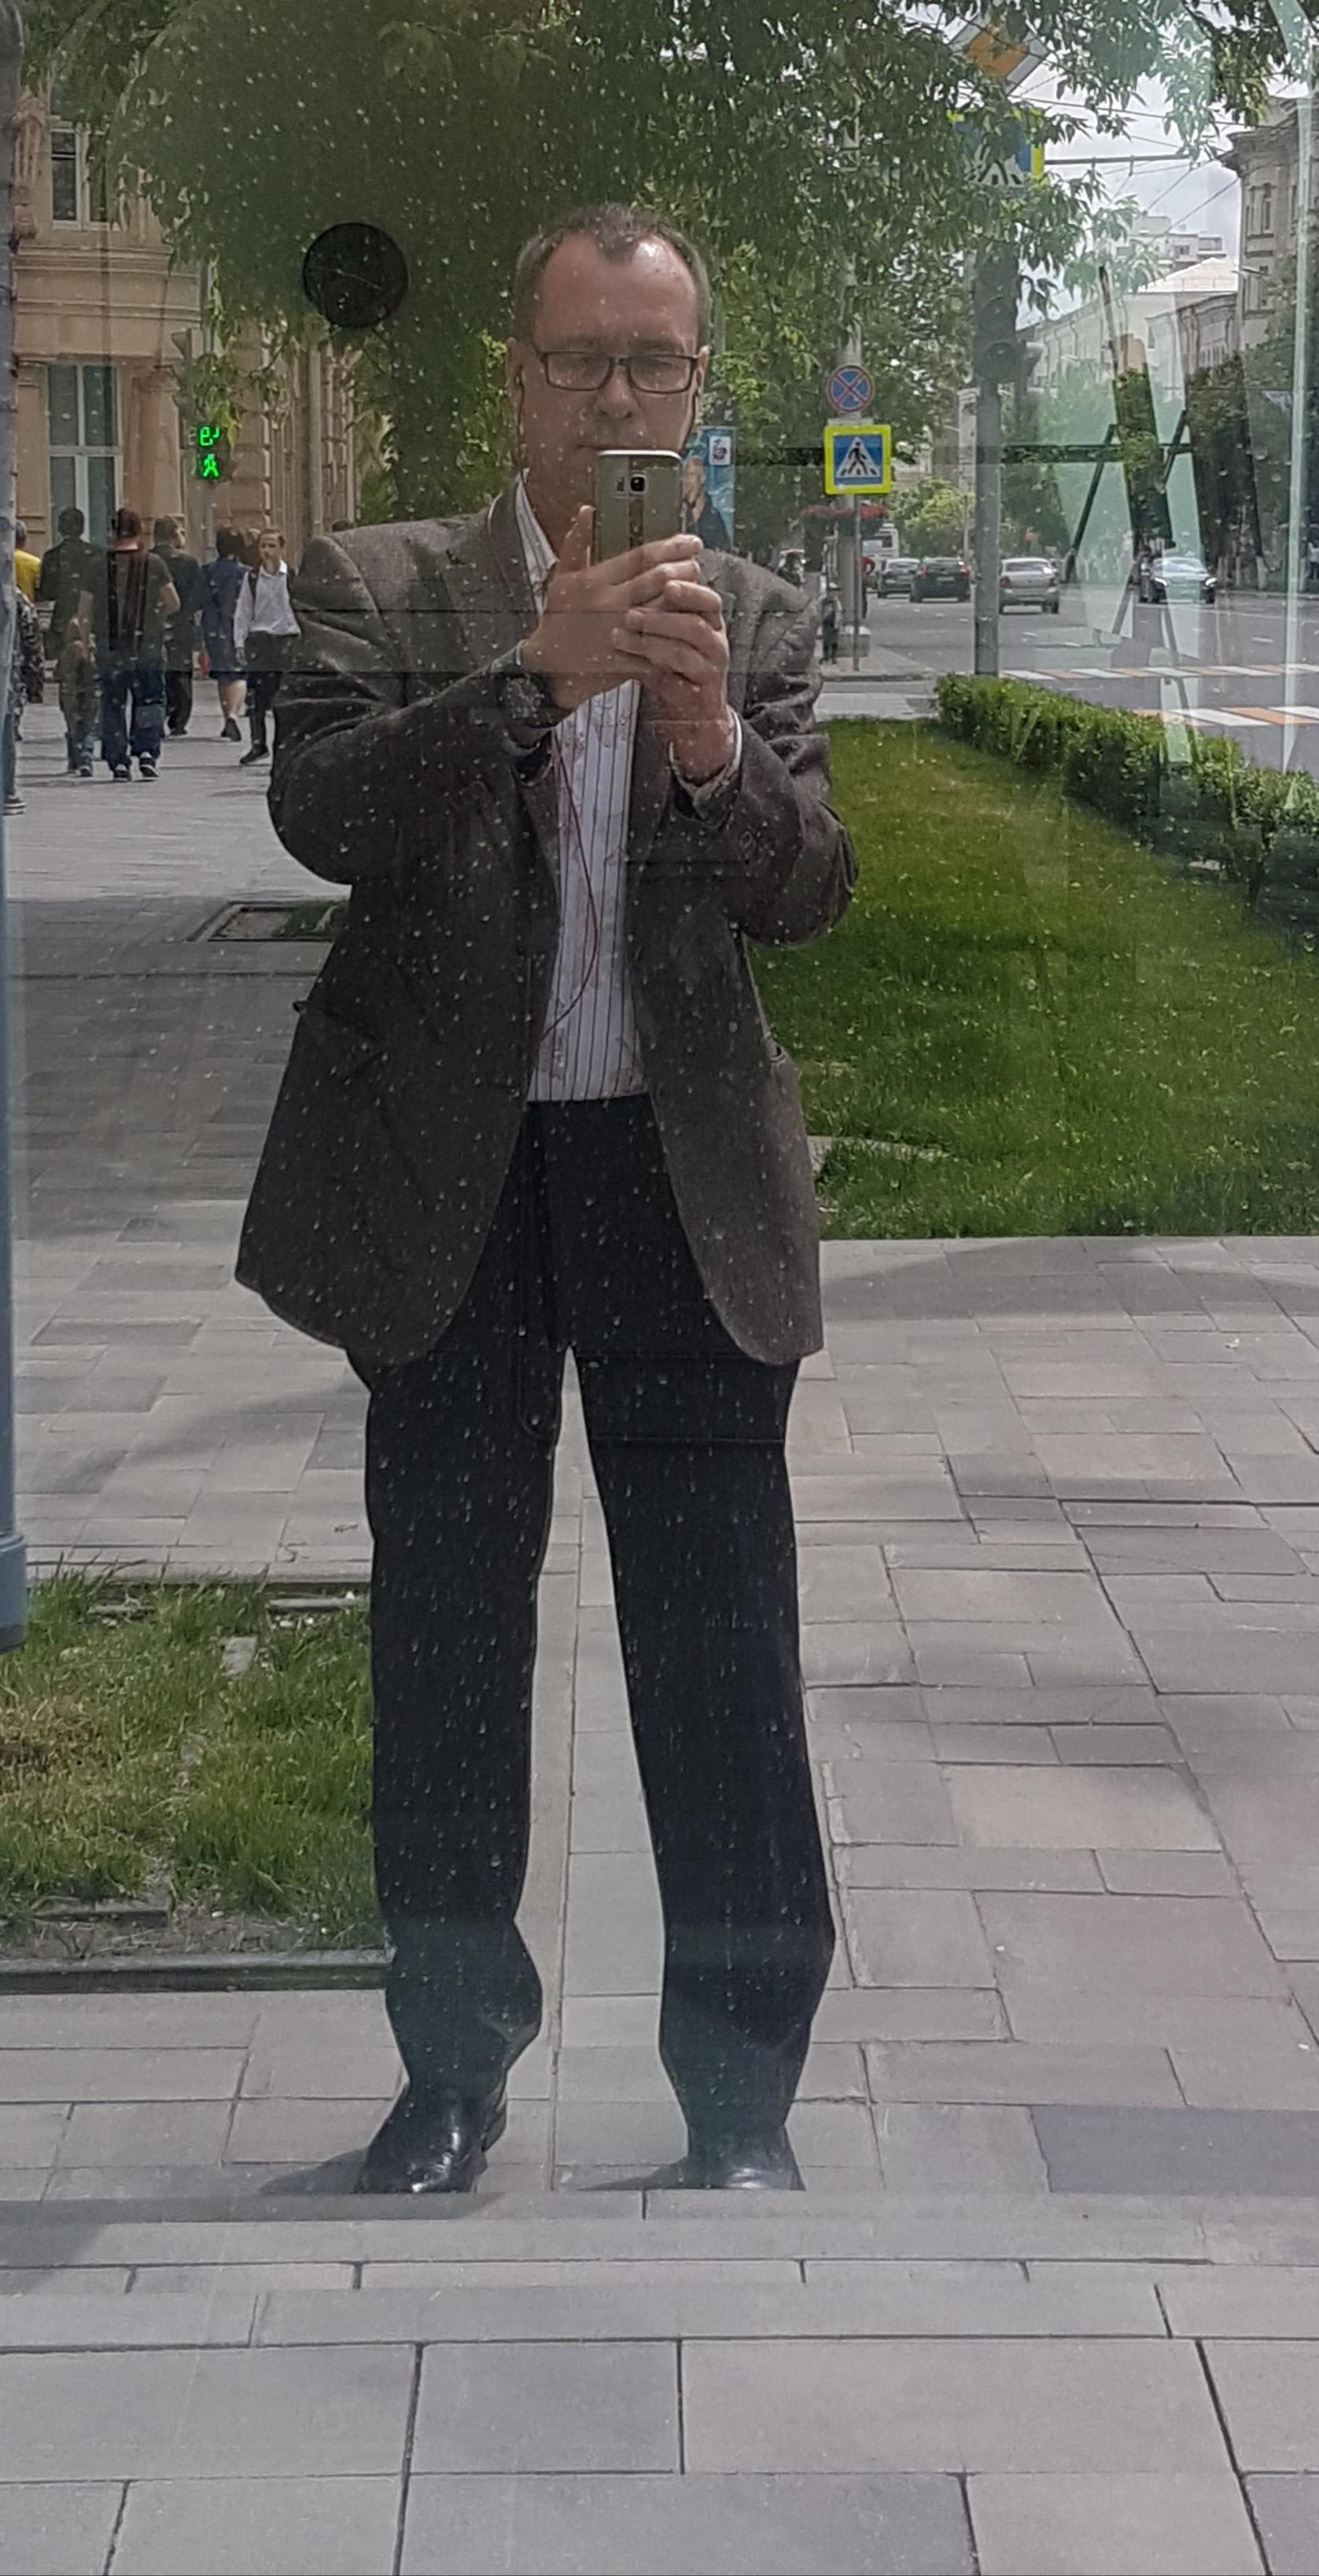 20190511_220333.jpg